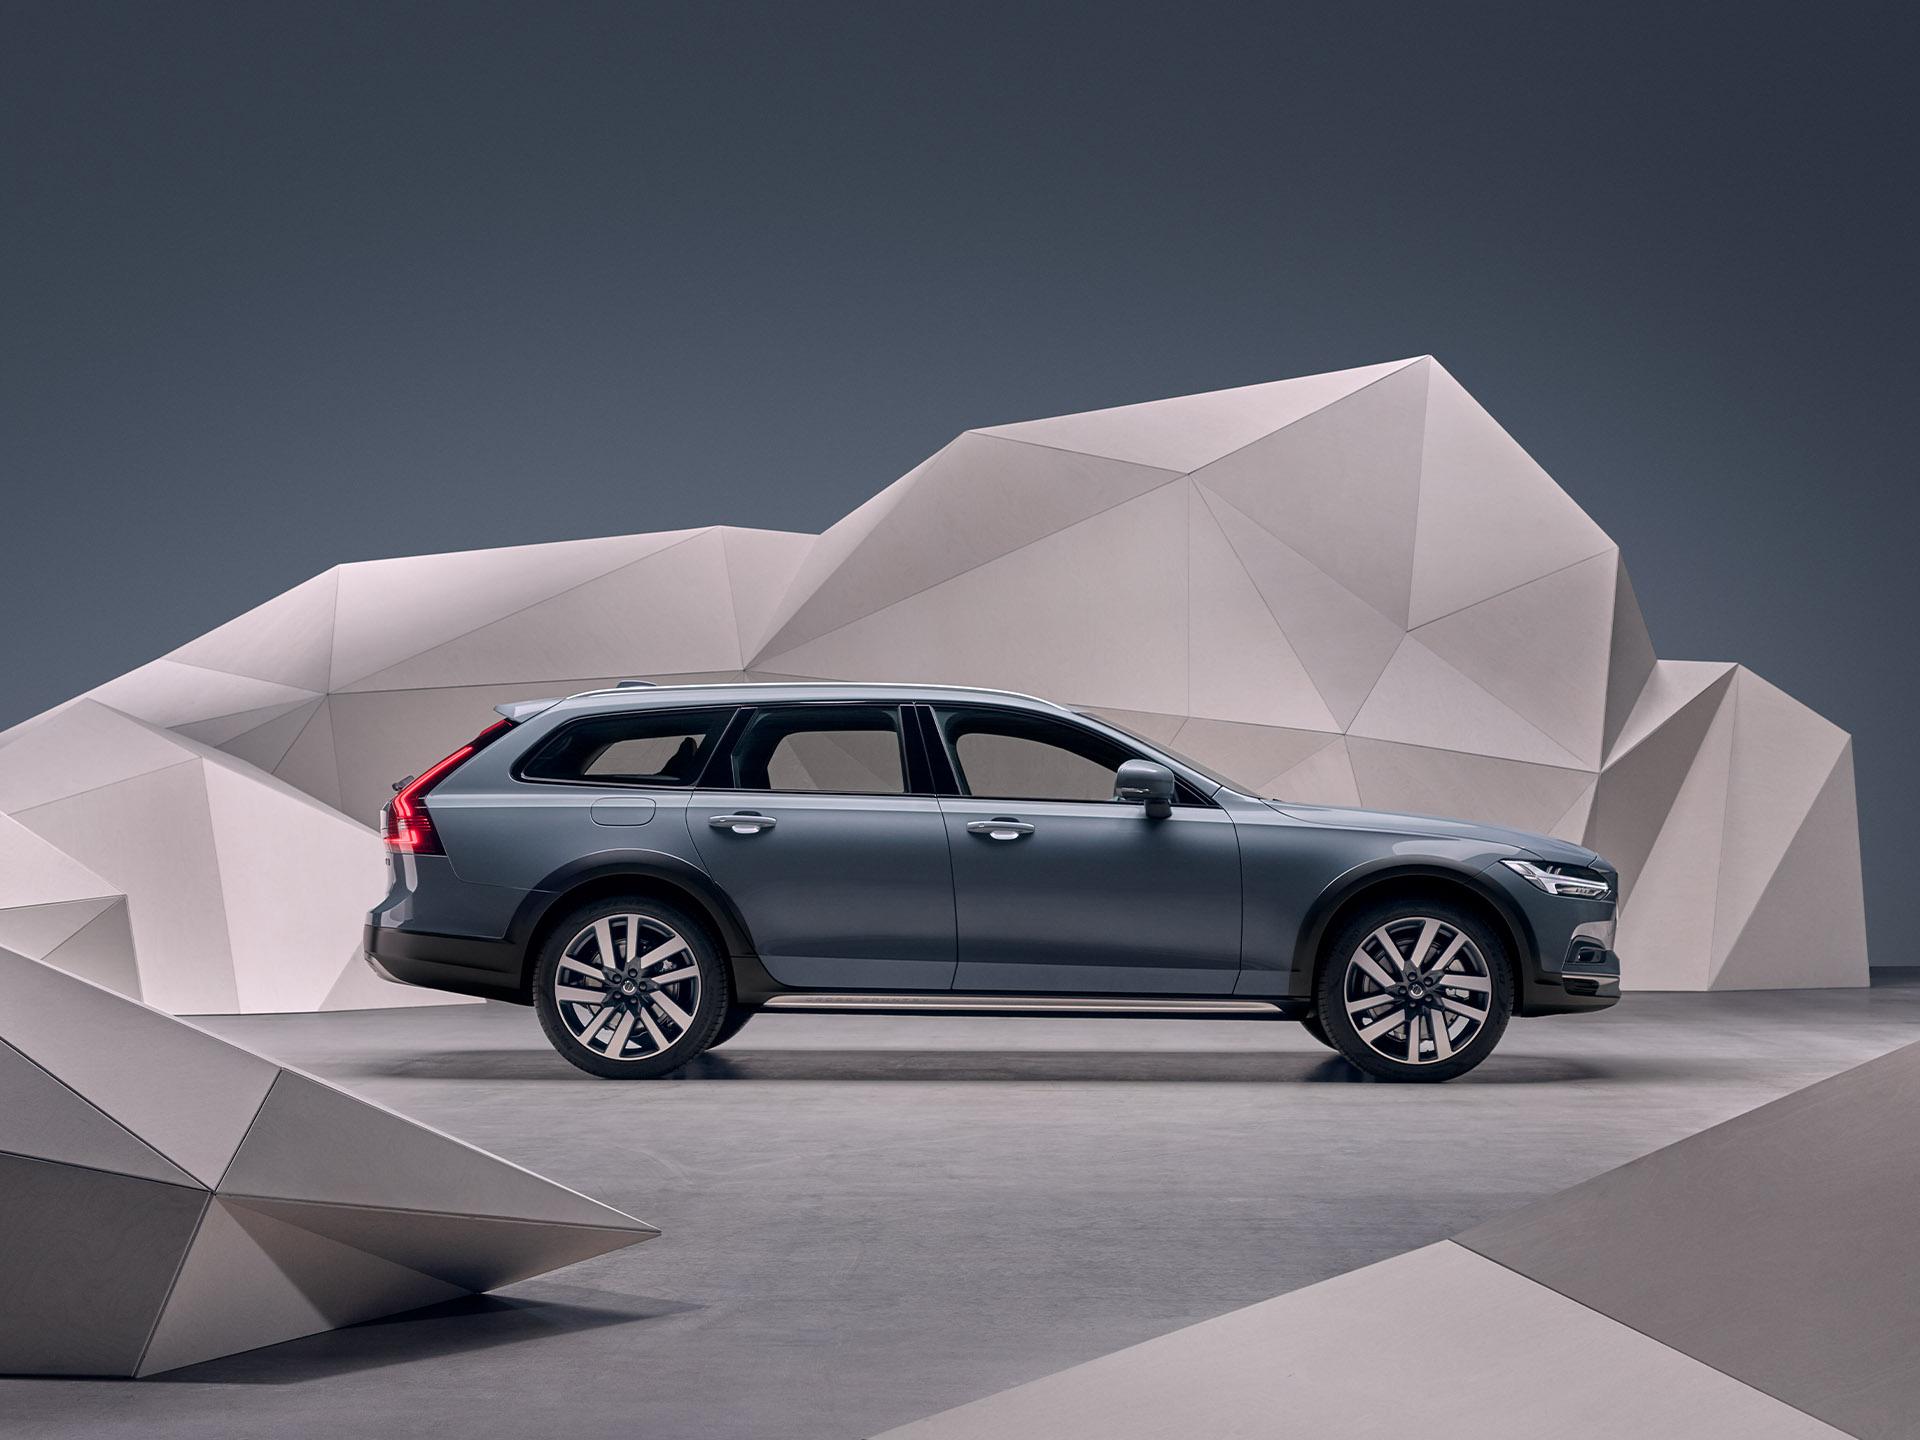 """Volvo V90 в цвете """"Перламутрово-синий металлик"""" стоит перед разрисованной стеной"""